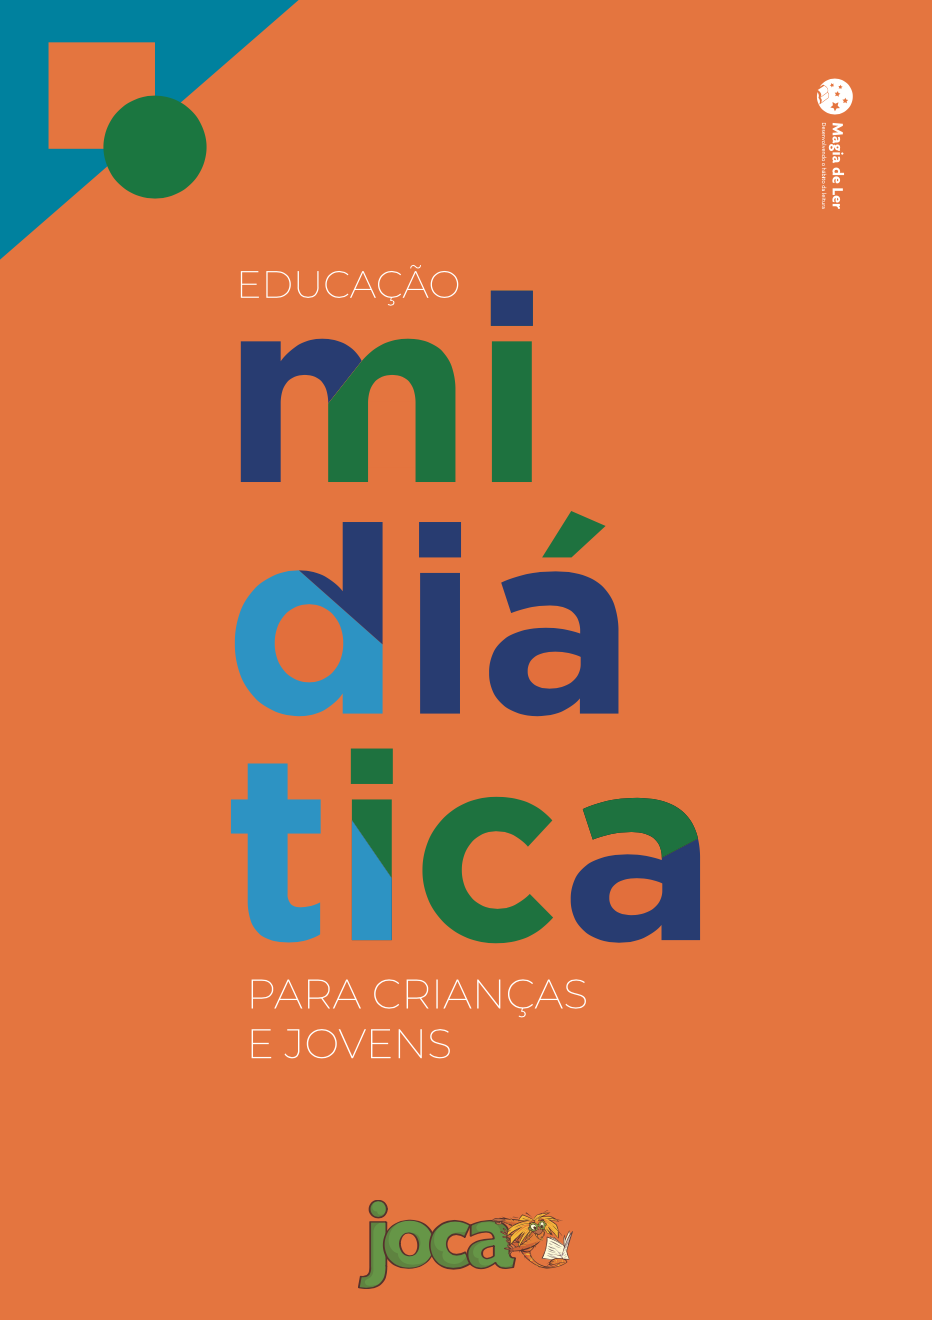 capa do material de educação midiática do Joca para crianças e jovens